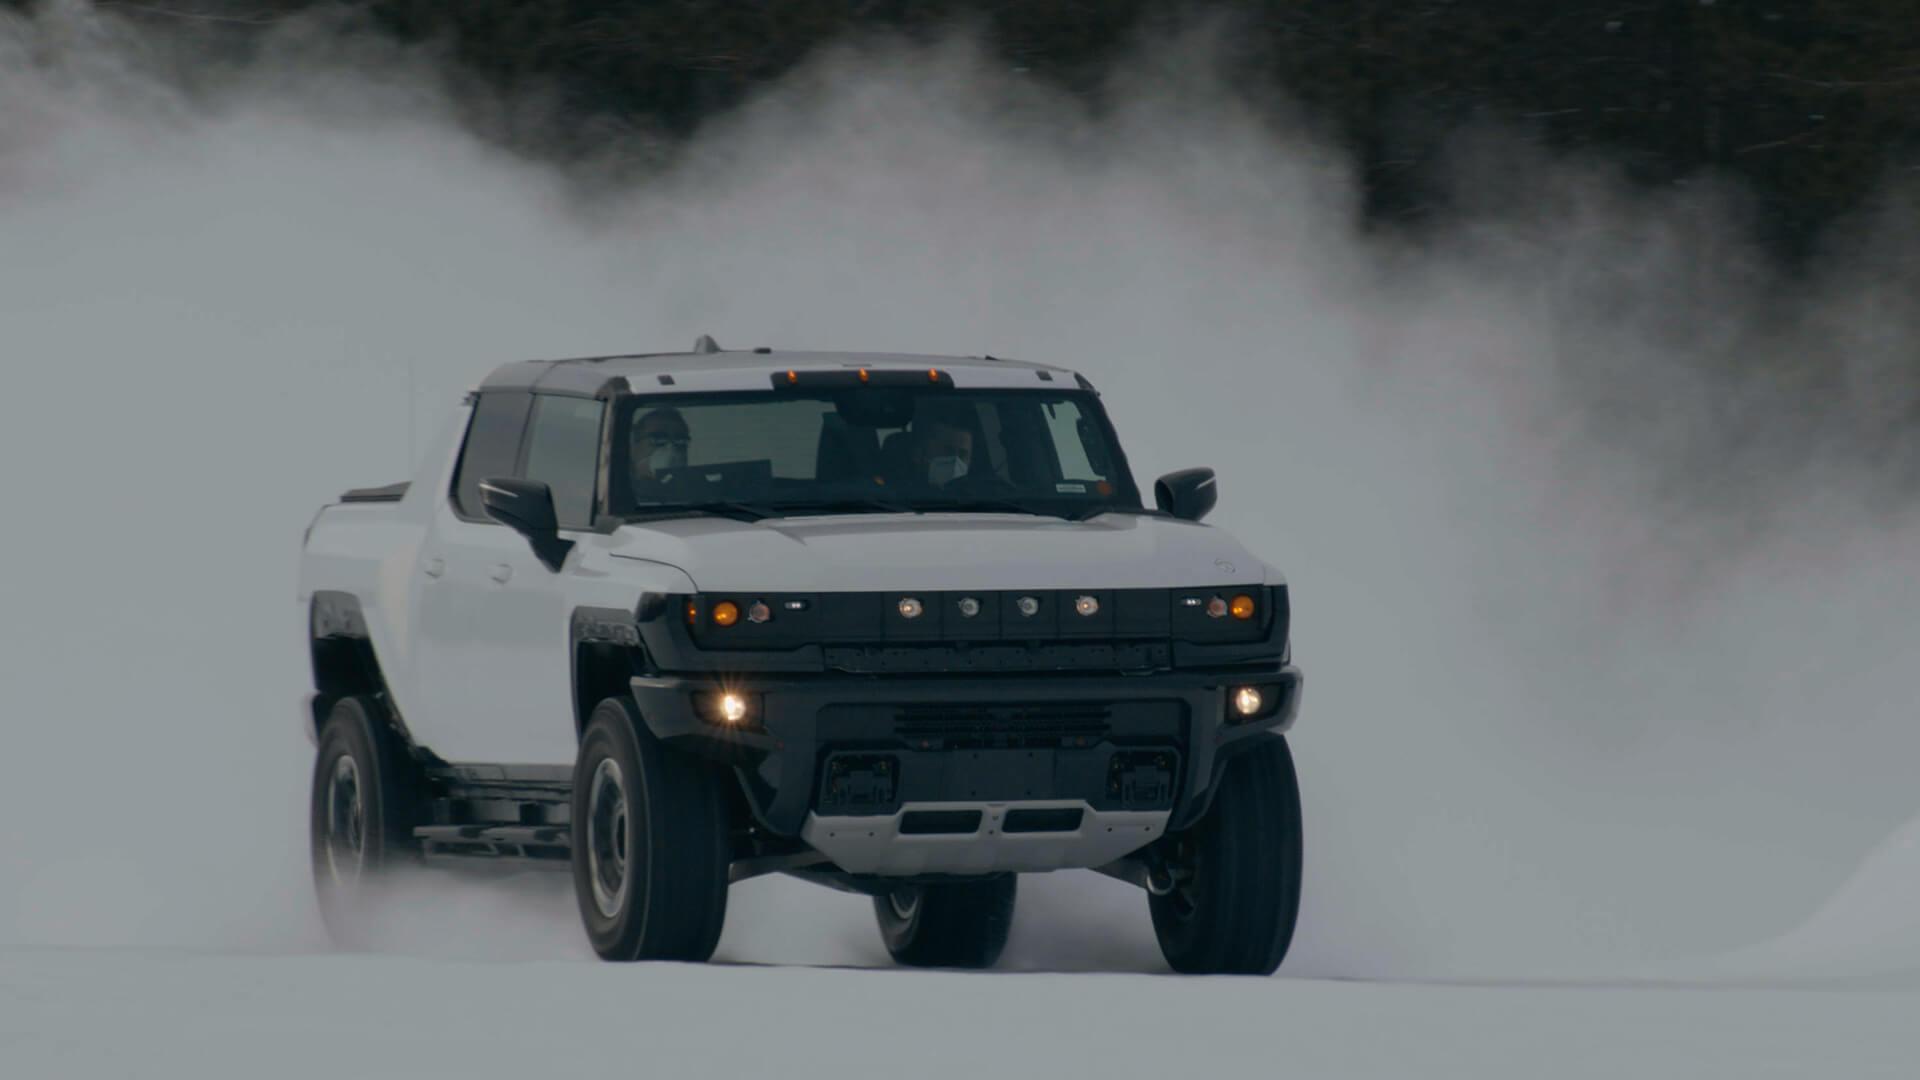 GMC Hummer EV проходит строгие зимние испытания, внедорожник назначается